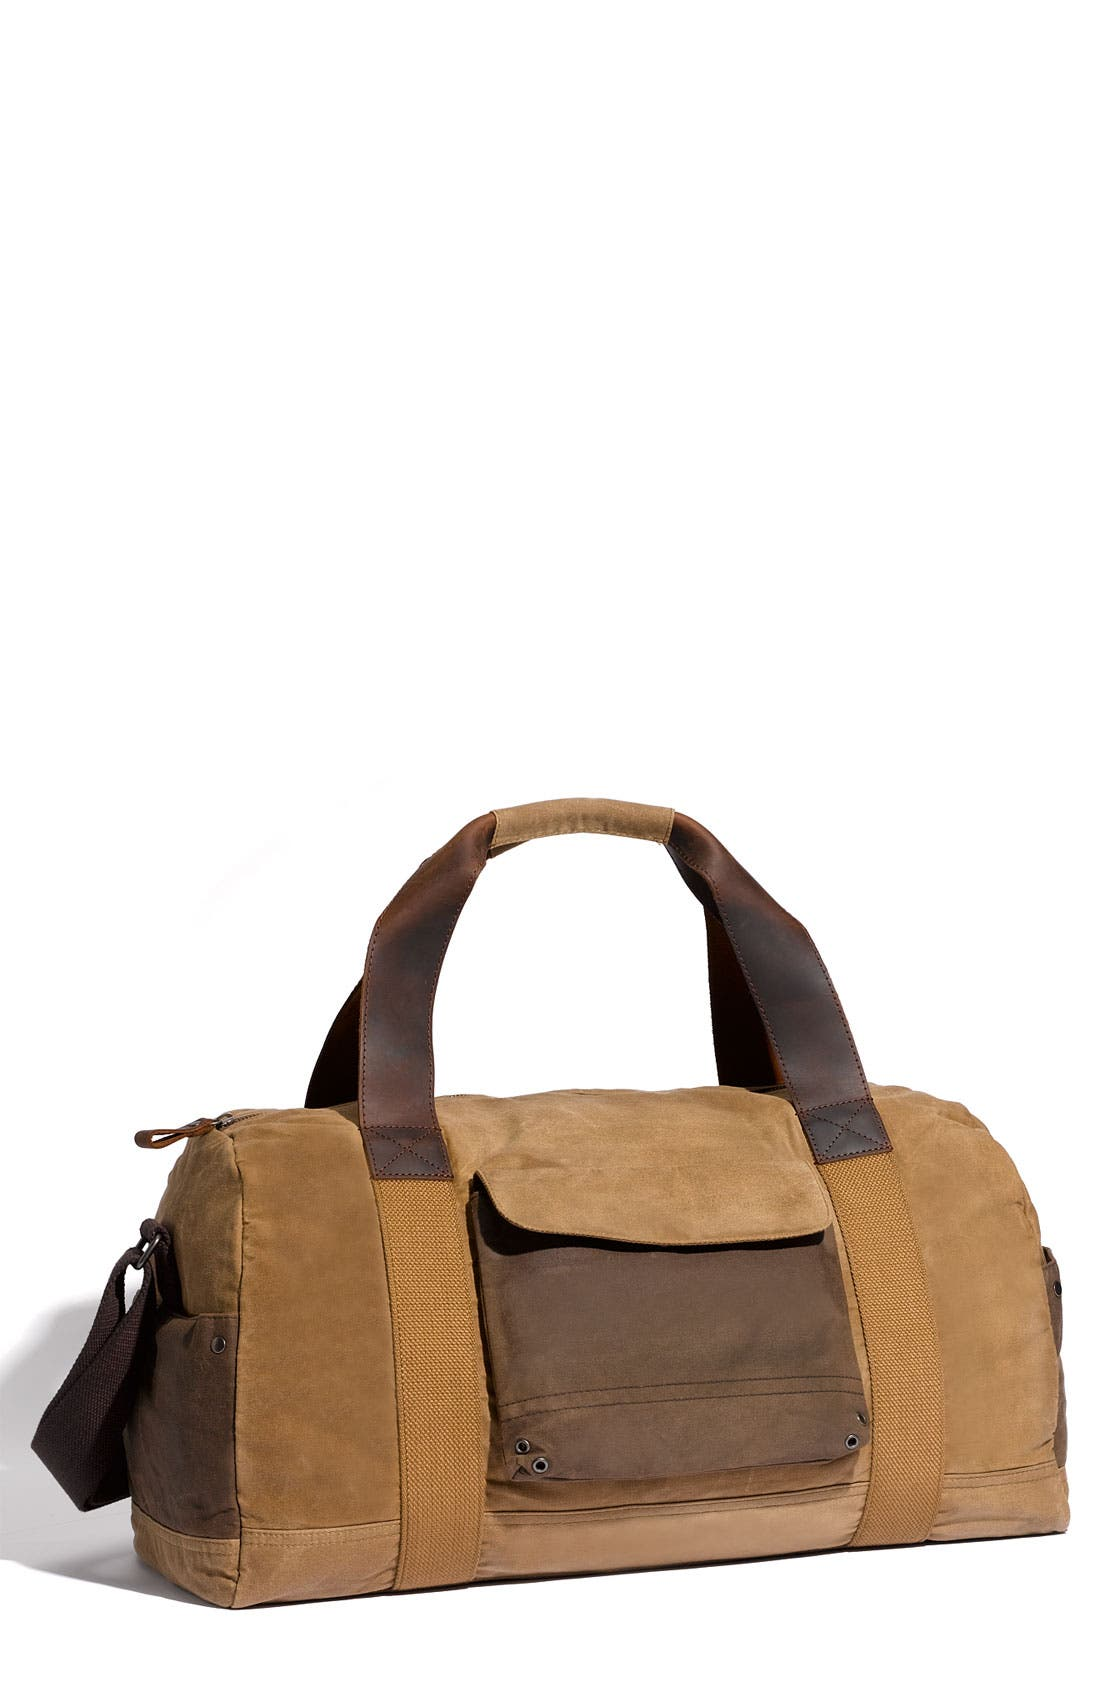 Alternate Image 1 Selected - Levi's® 'River Rock' Duffel Bag